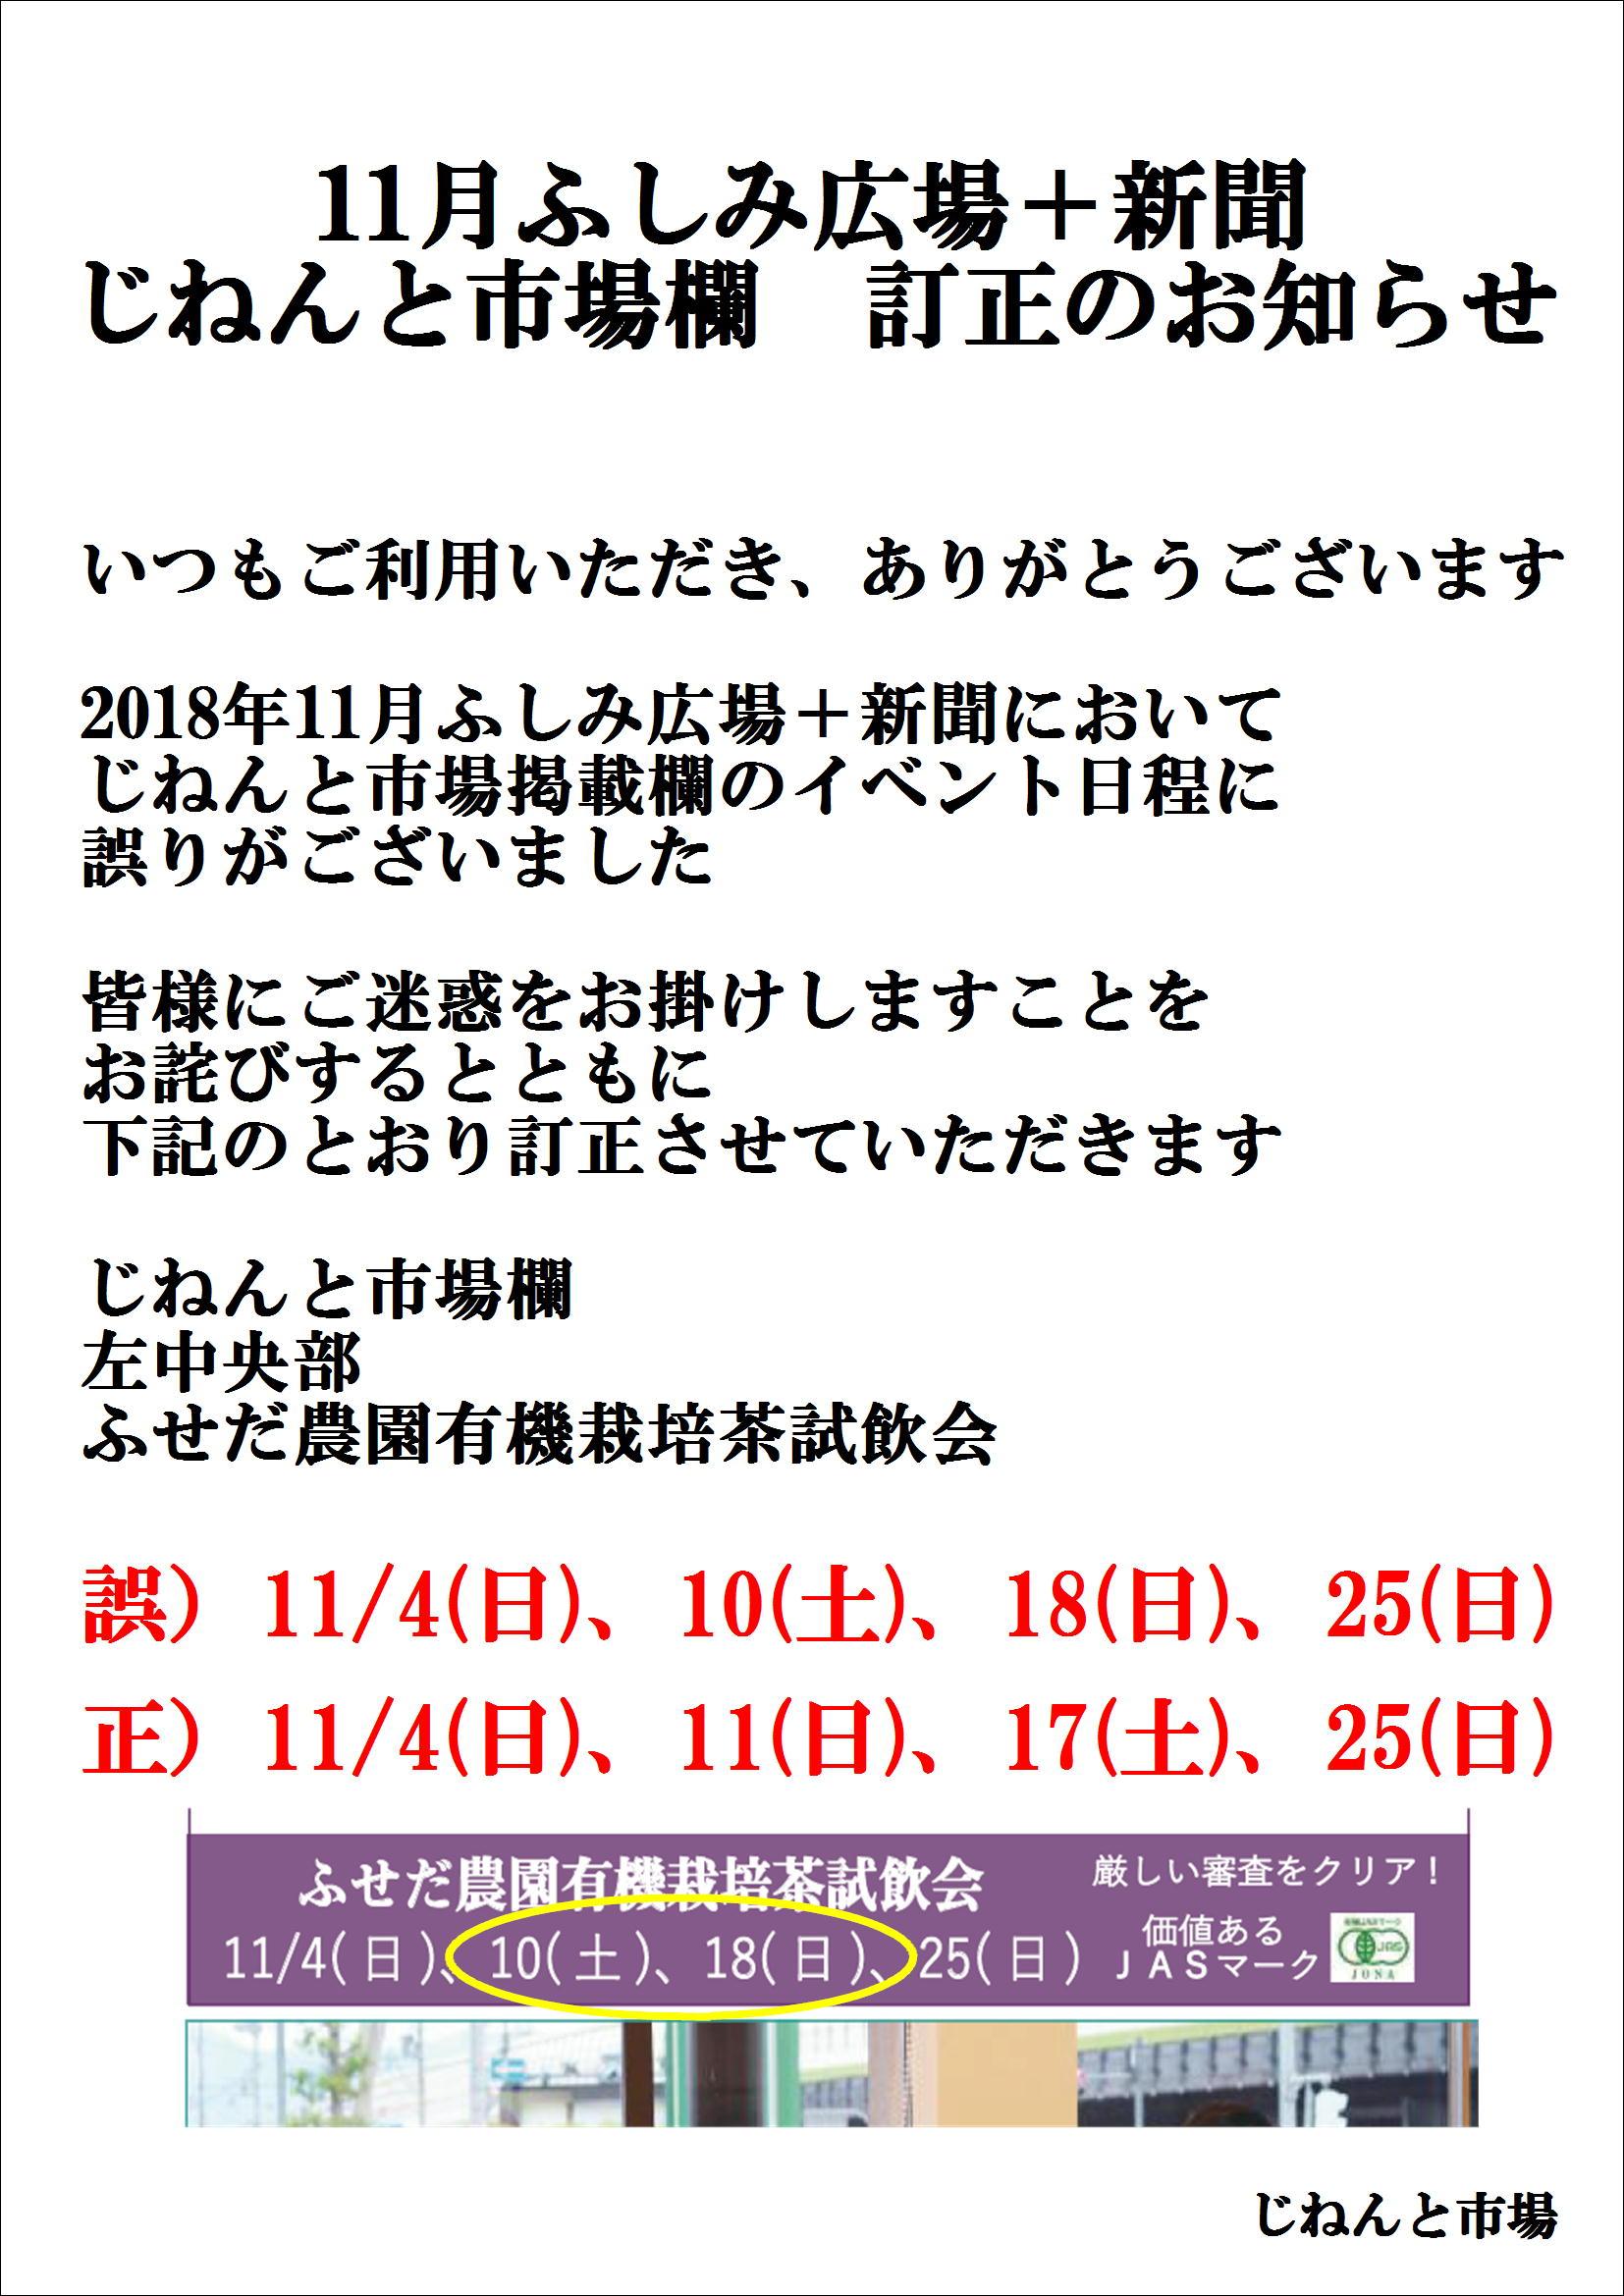 イベント開催日訂正のお知らせ